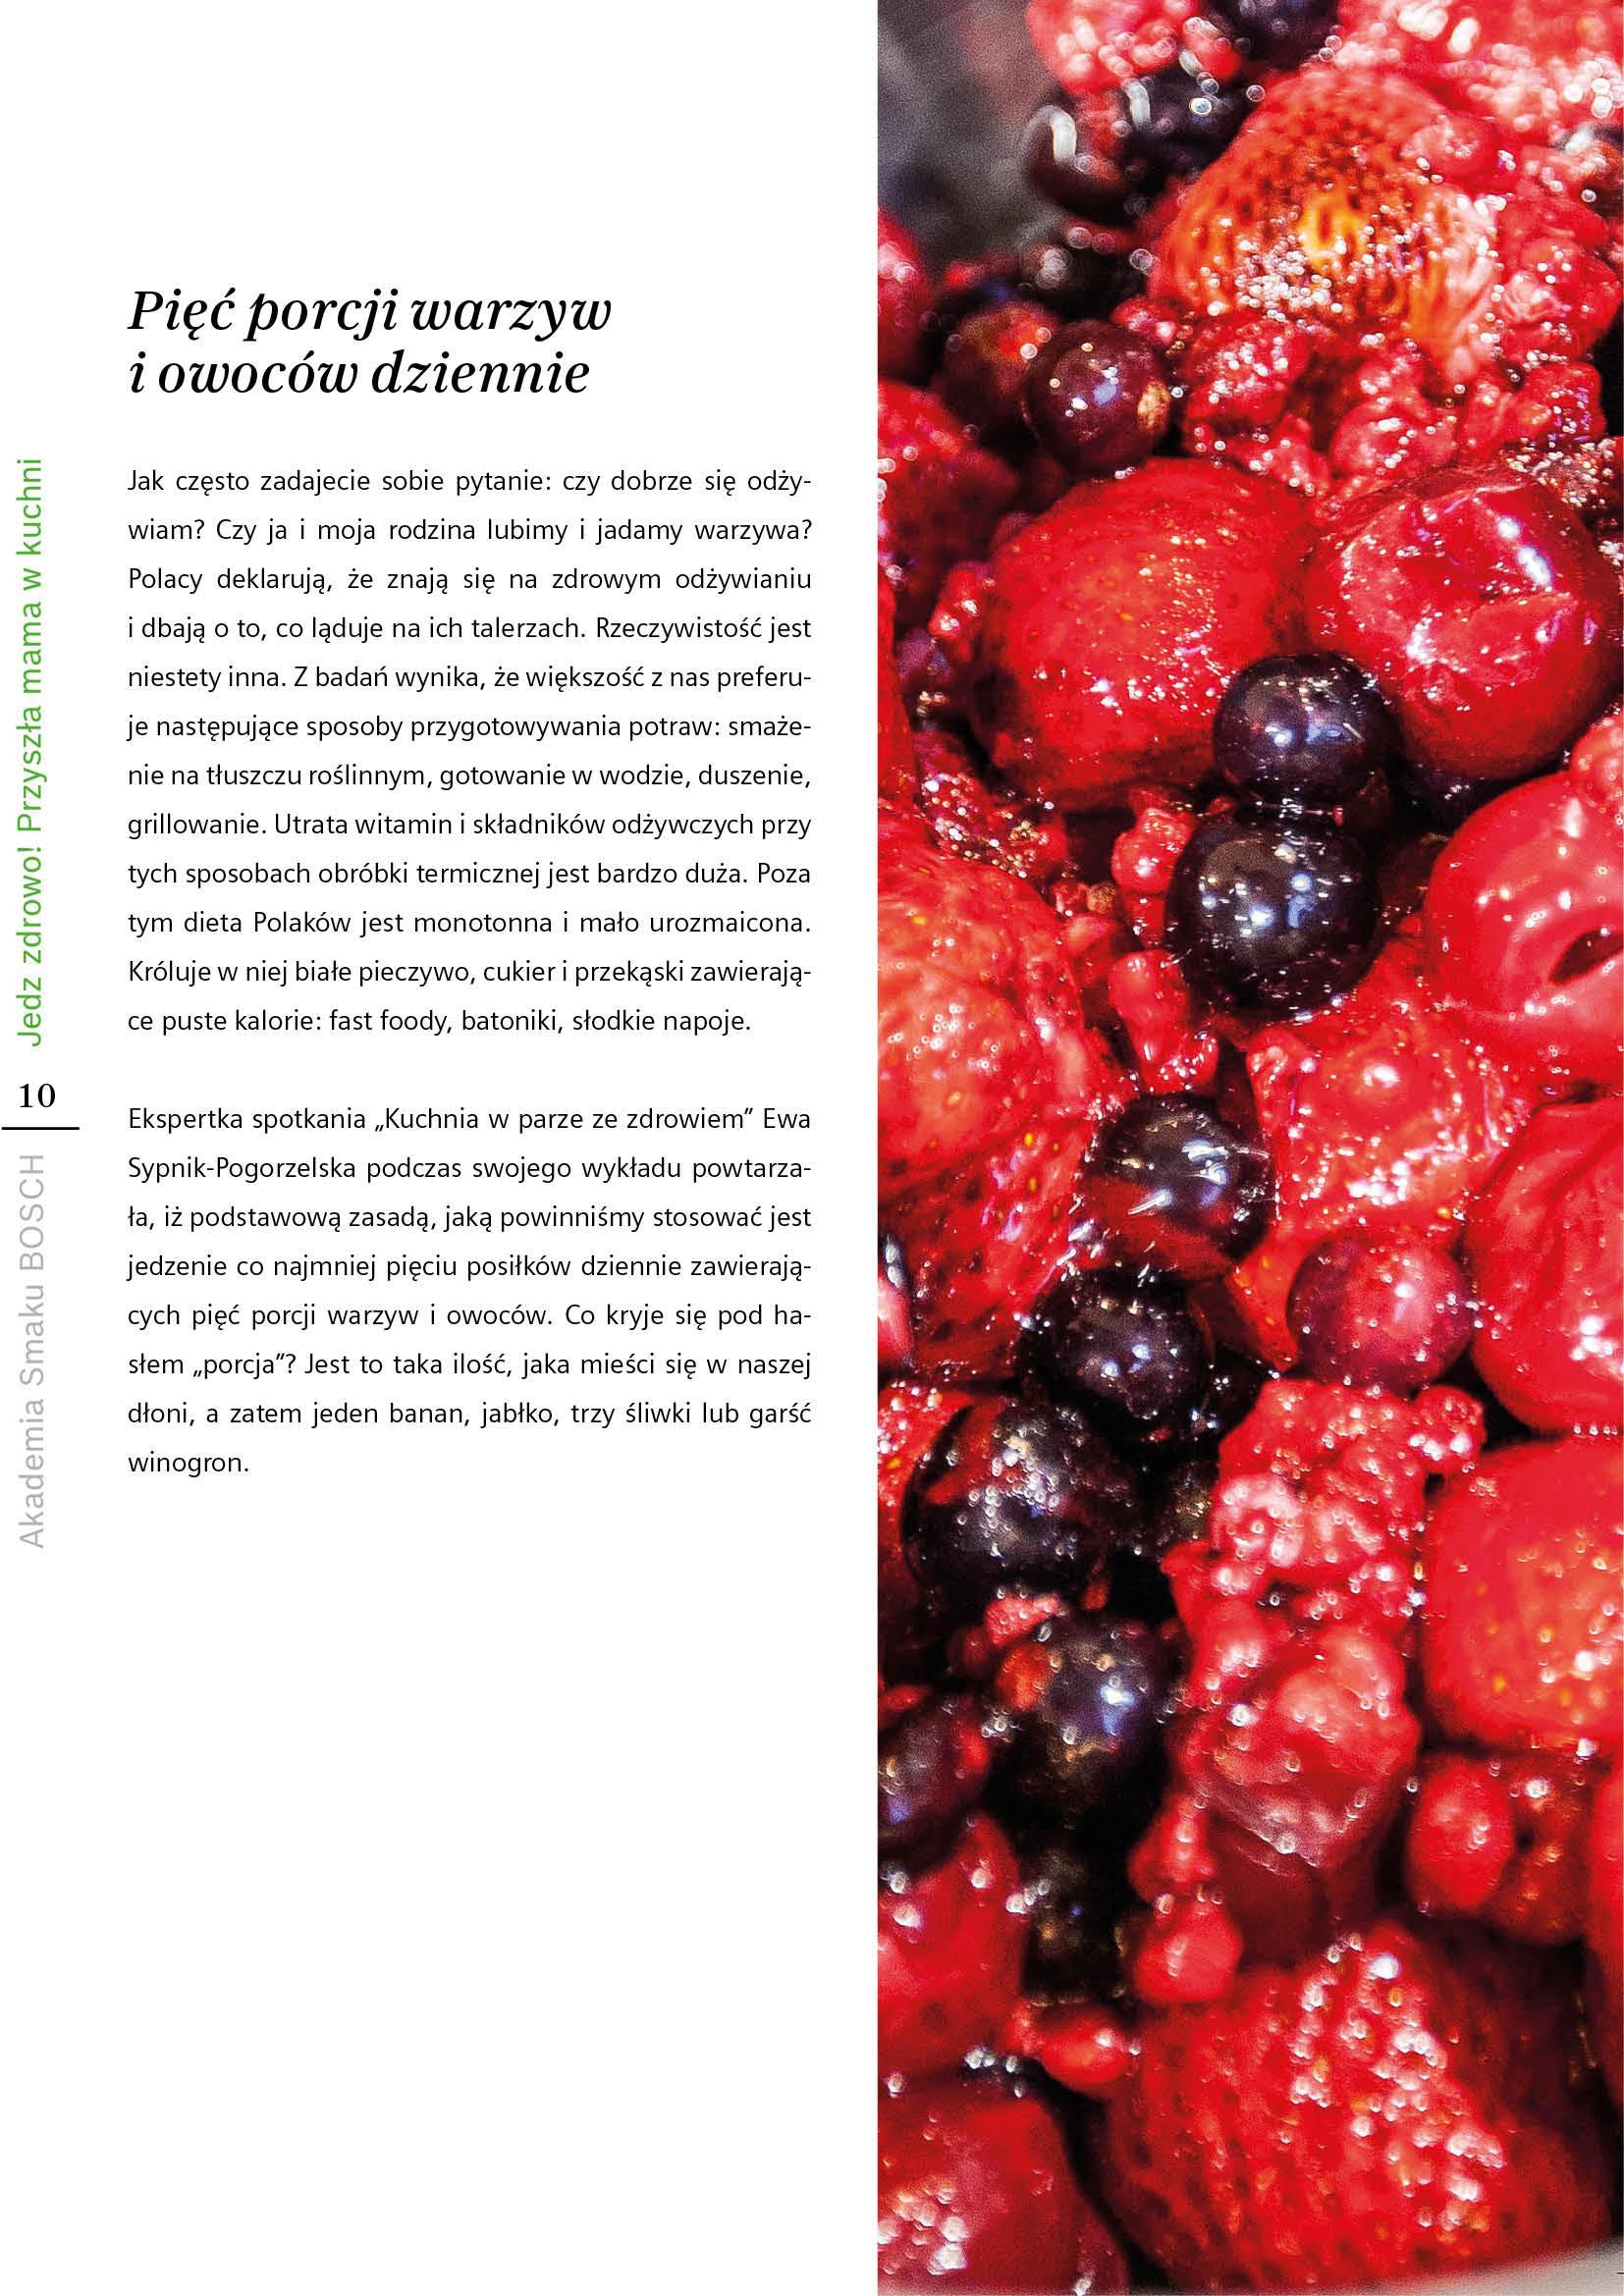 Kuchnia w parze ze zdrowiem - Strona 10